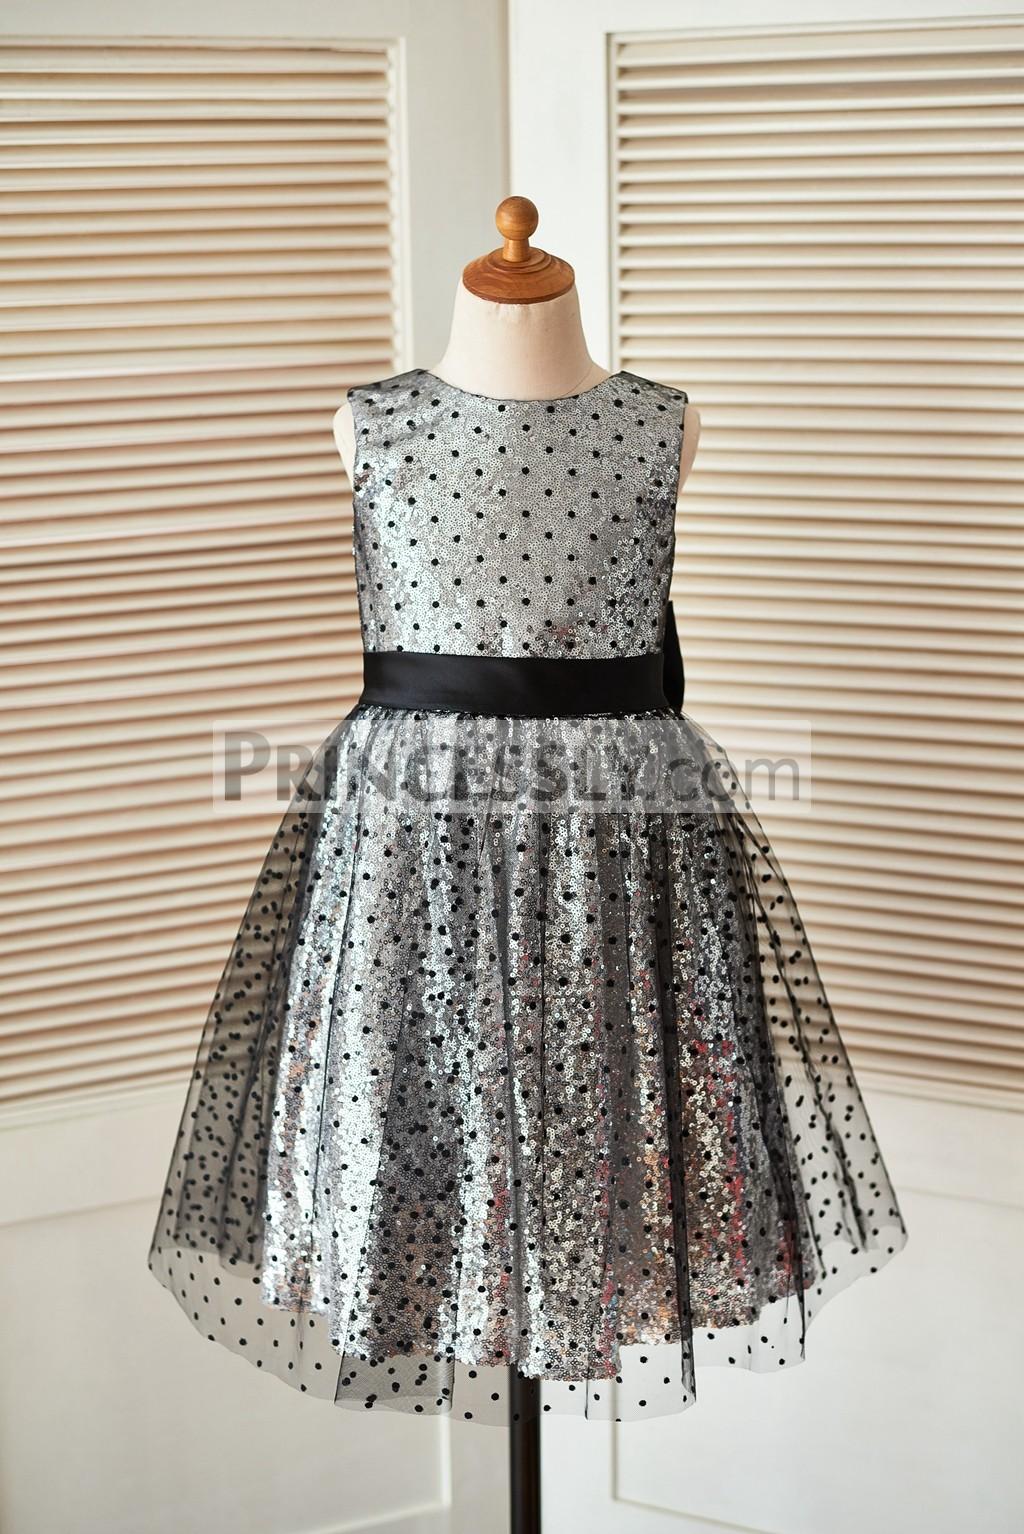 Black polka dot fully lined wedding baby girl dress